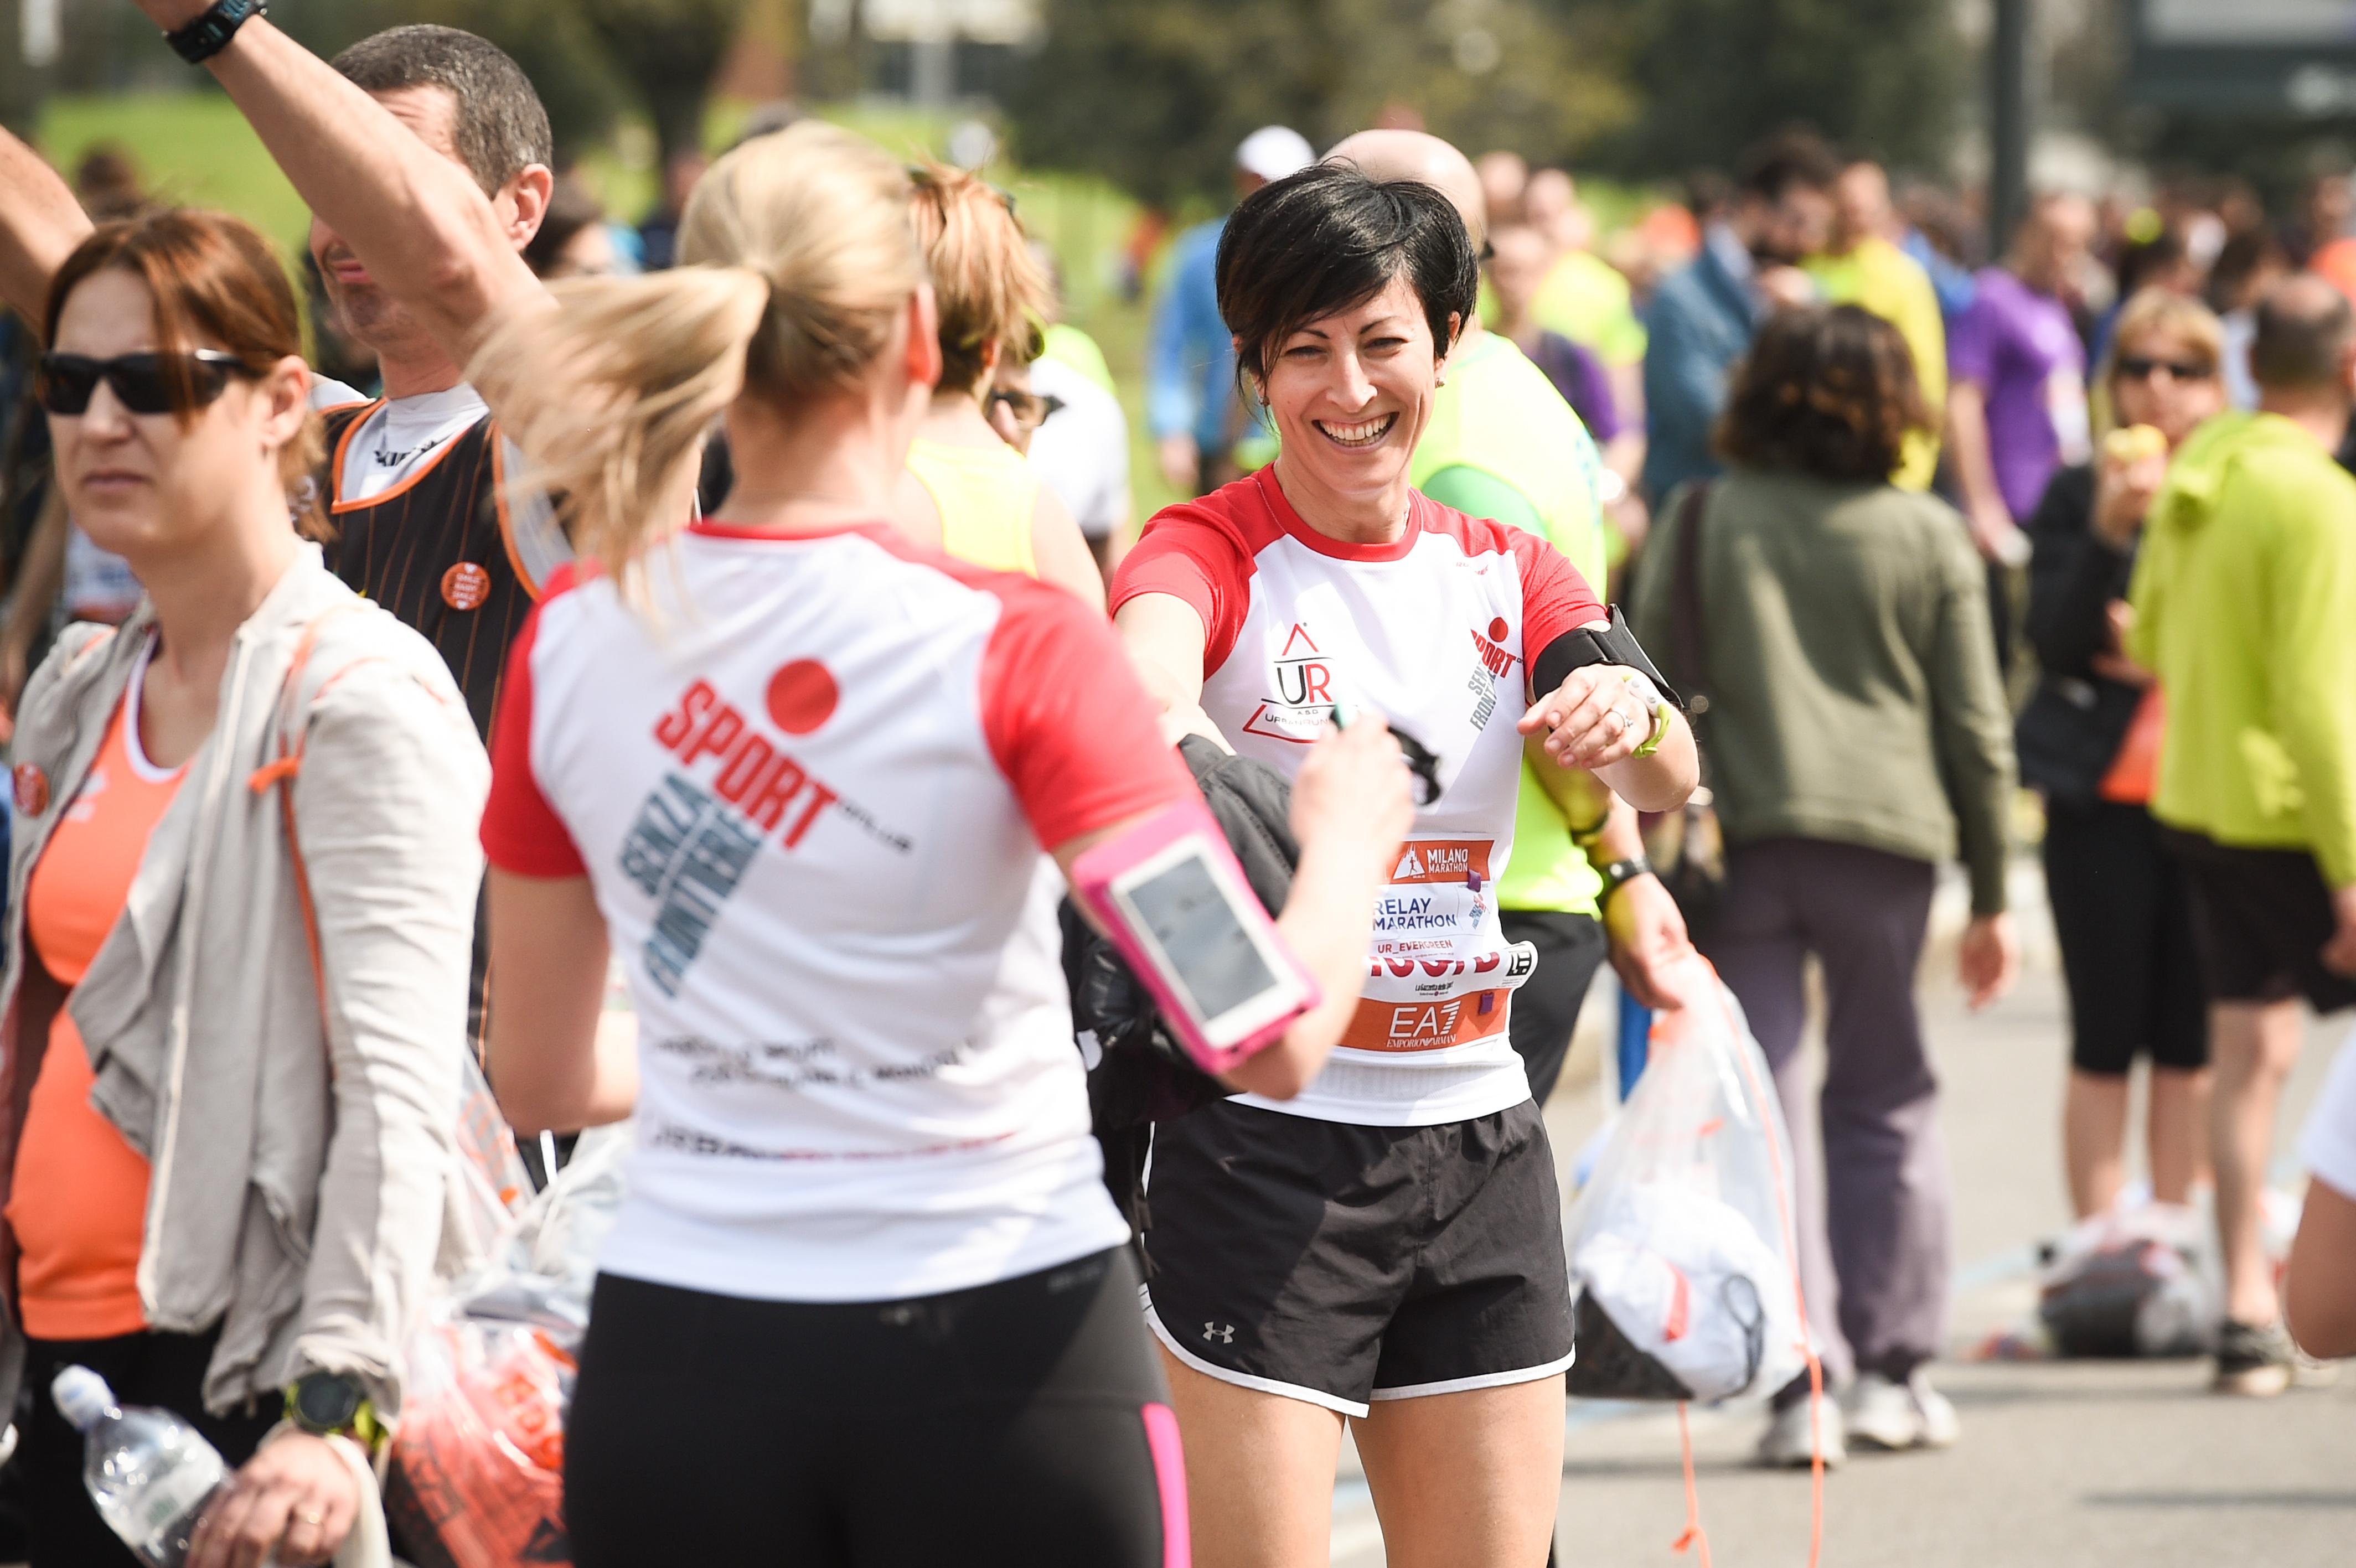 Europ Assistance Relay Marathon, aprono questa settimana le iscrizioni alla staffetta a squadre